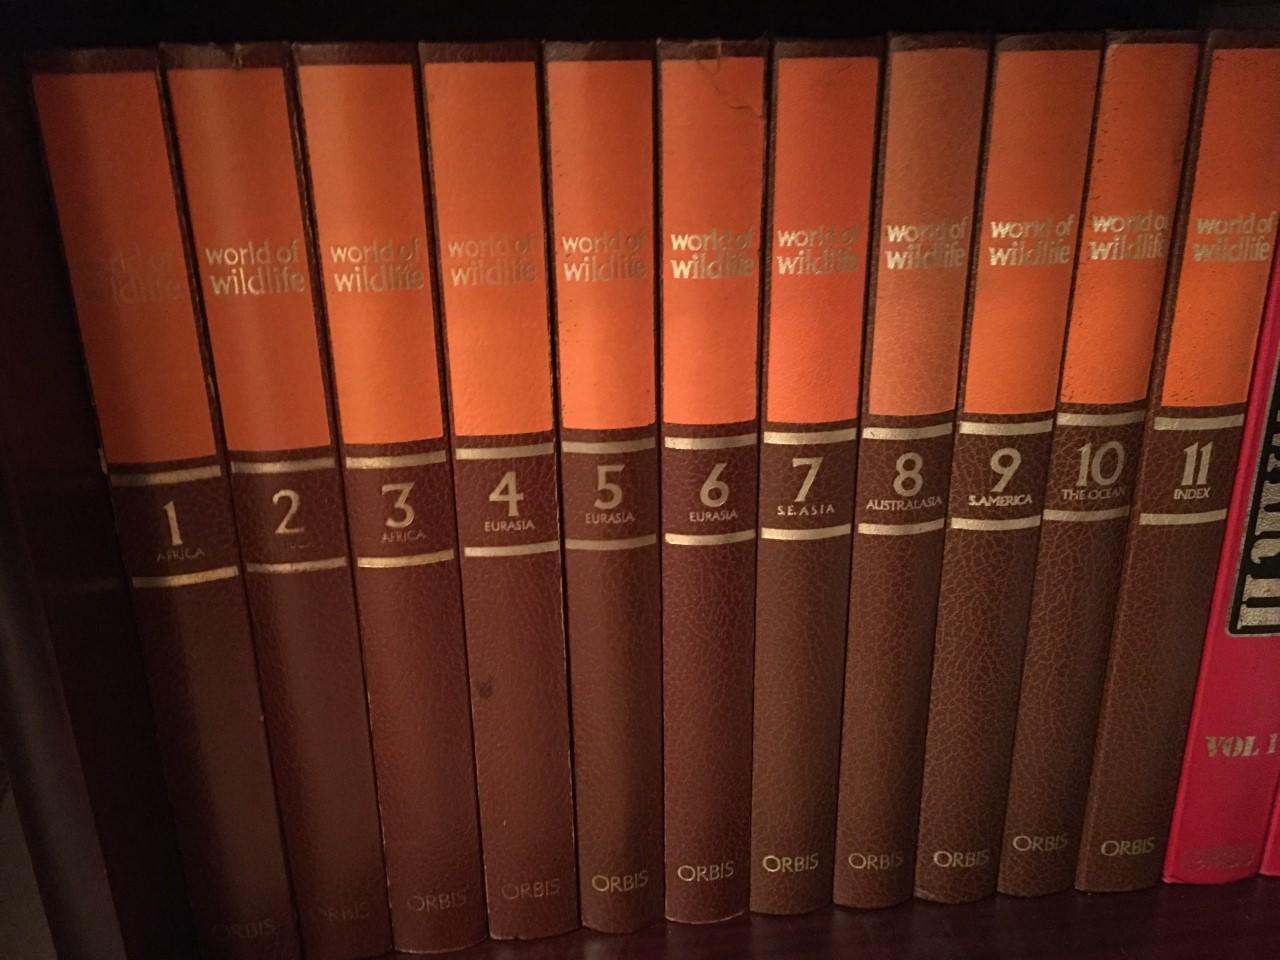 """Orbis """"World of Wildife"""" bound books (11 volumes)"""